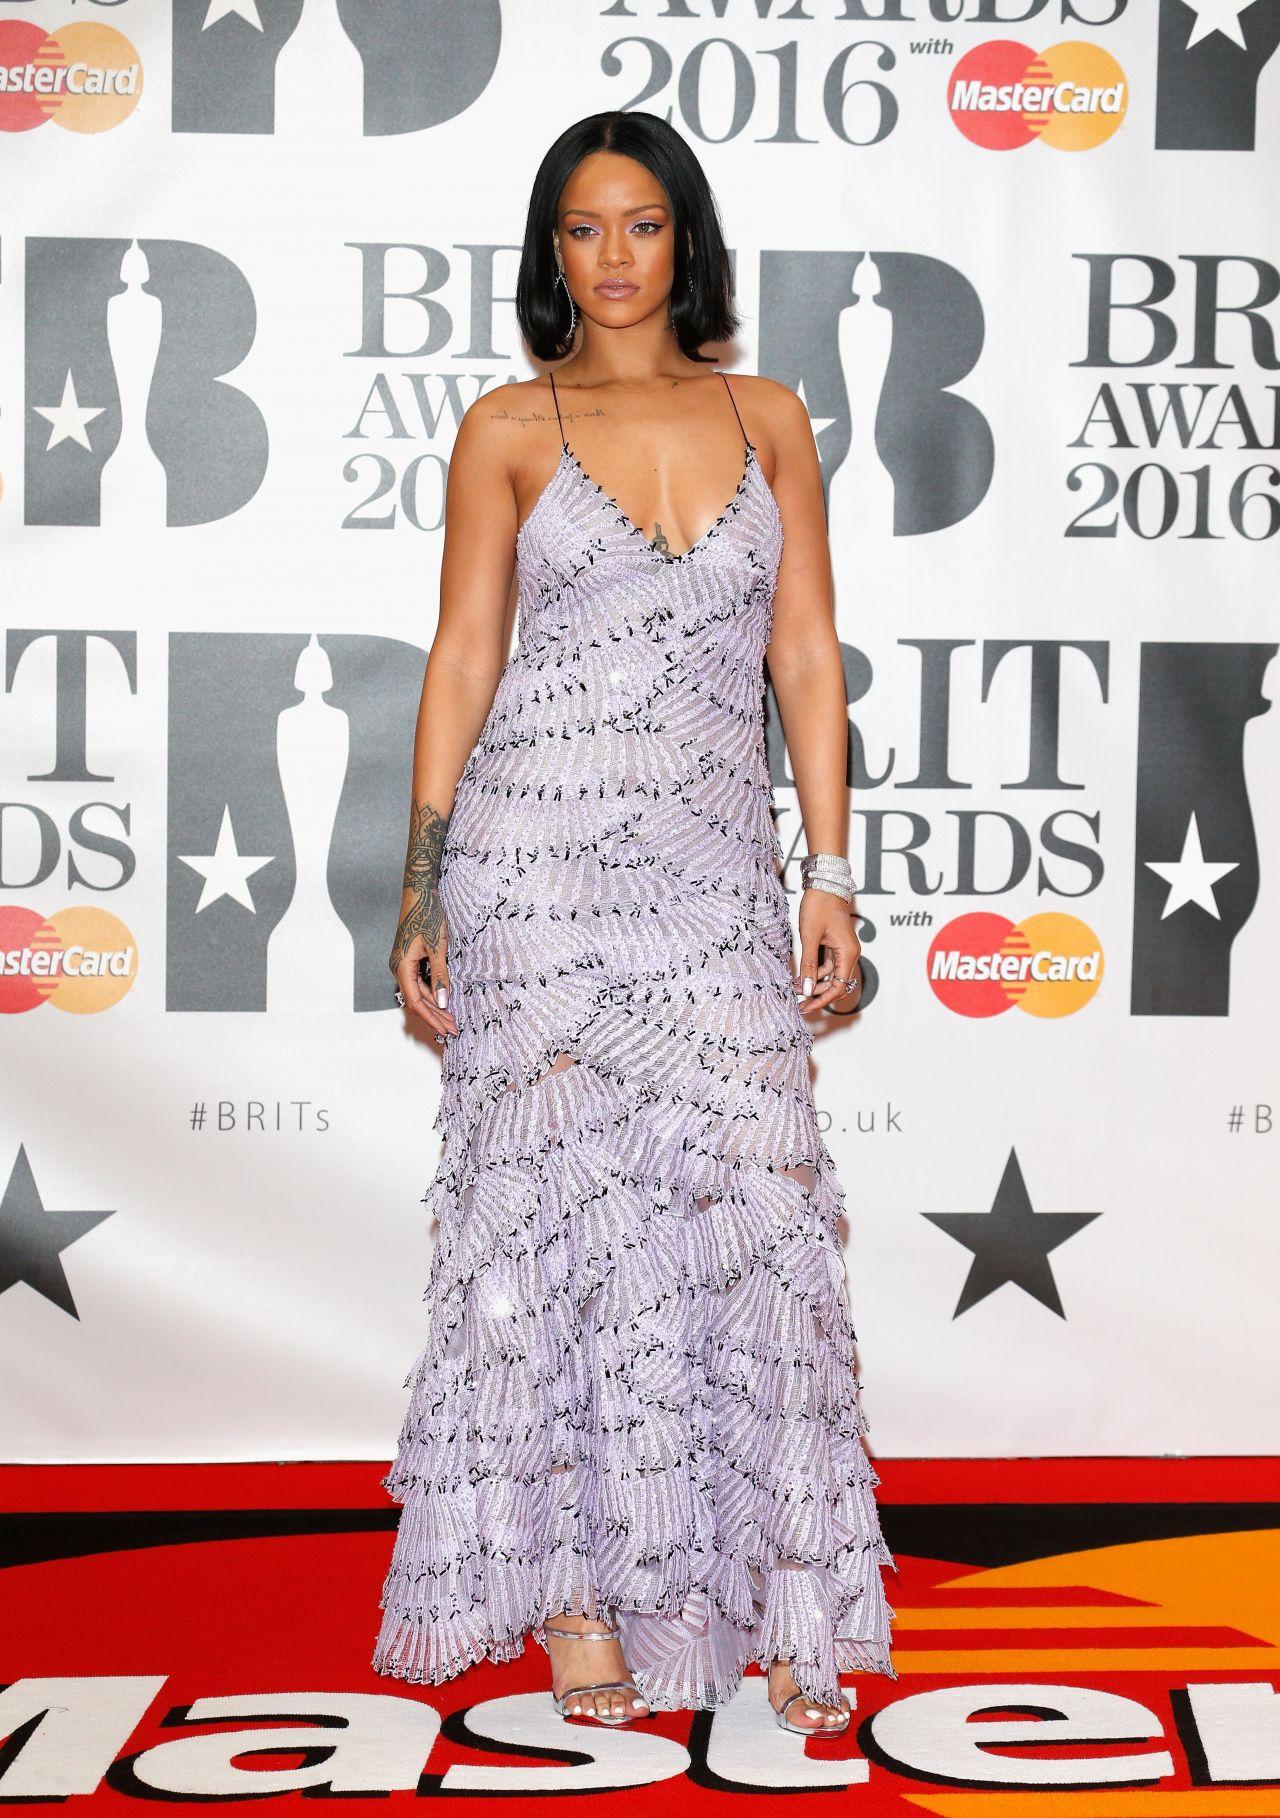 rihanna-brit-awards-2016-in-london-1